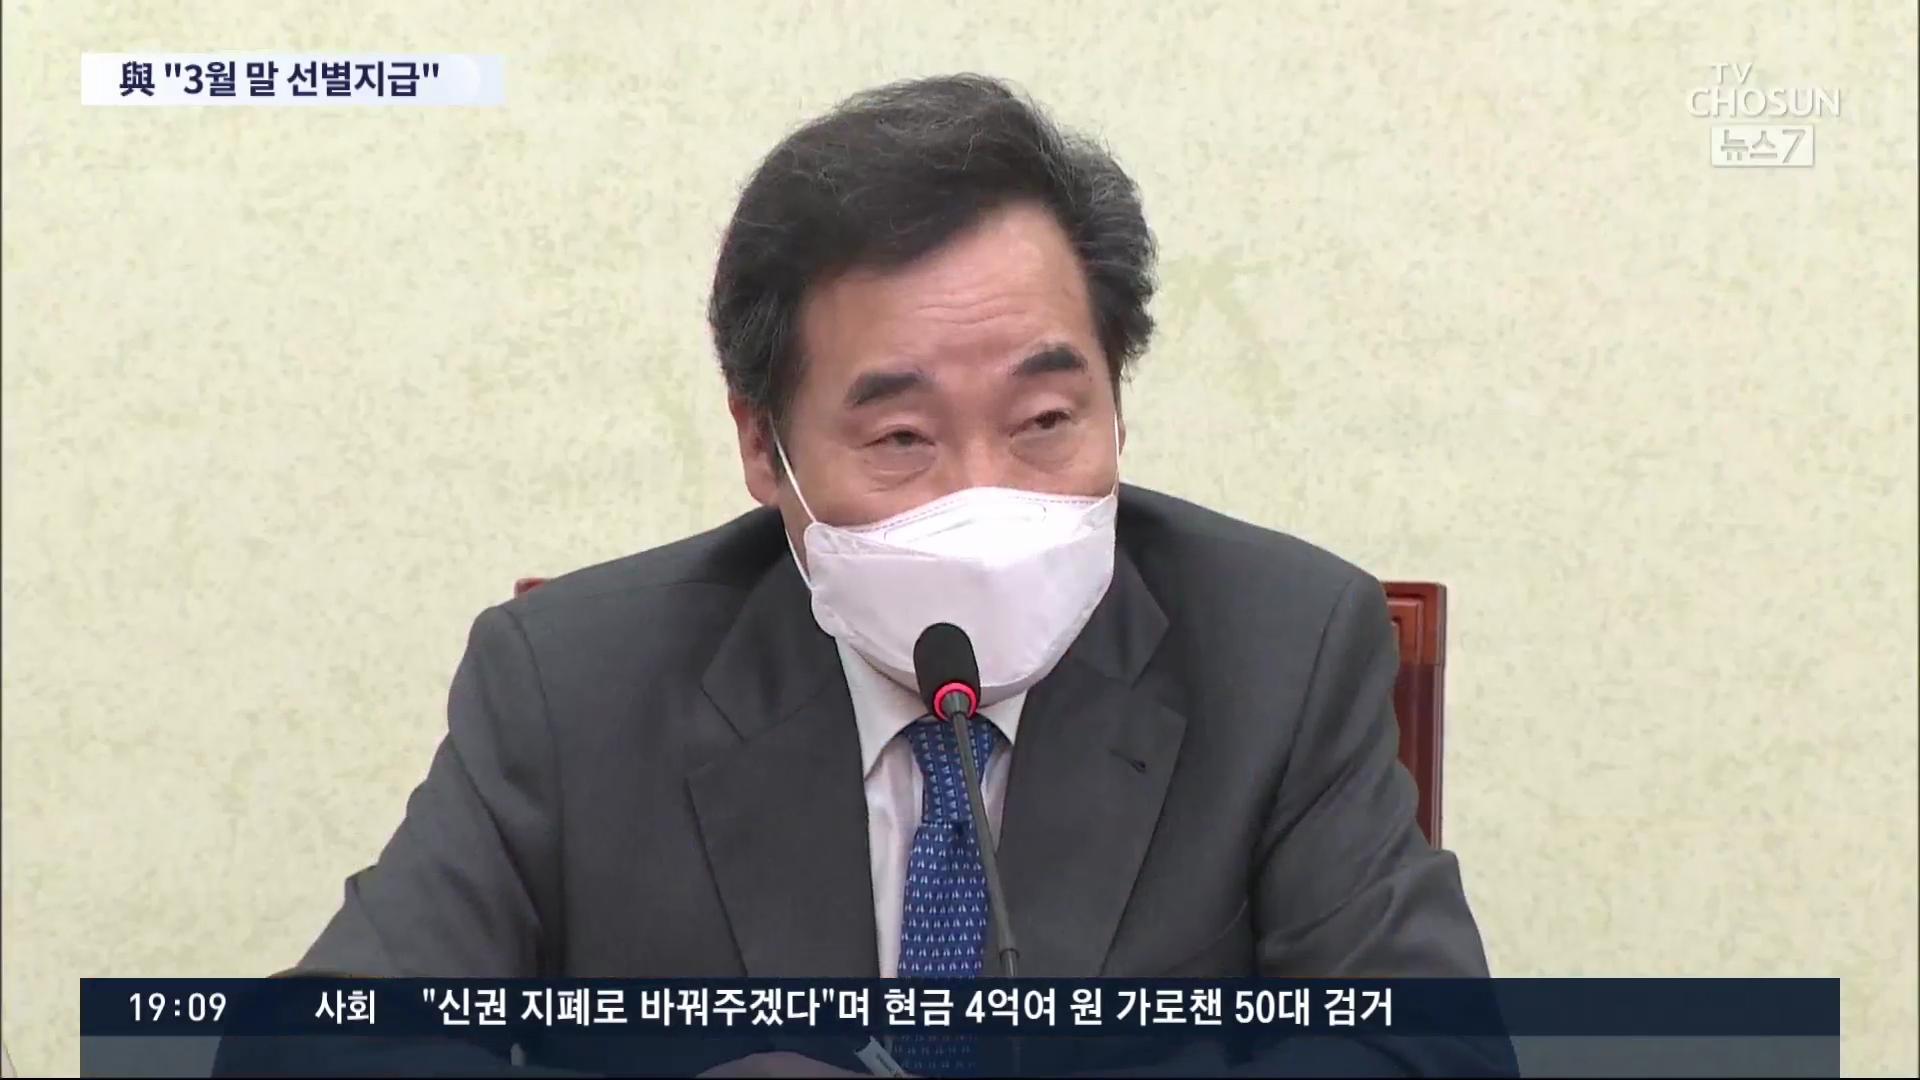 與 '4차지원금, 3월말 선별지급'…이낙연, '전국민 지원' 접어